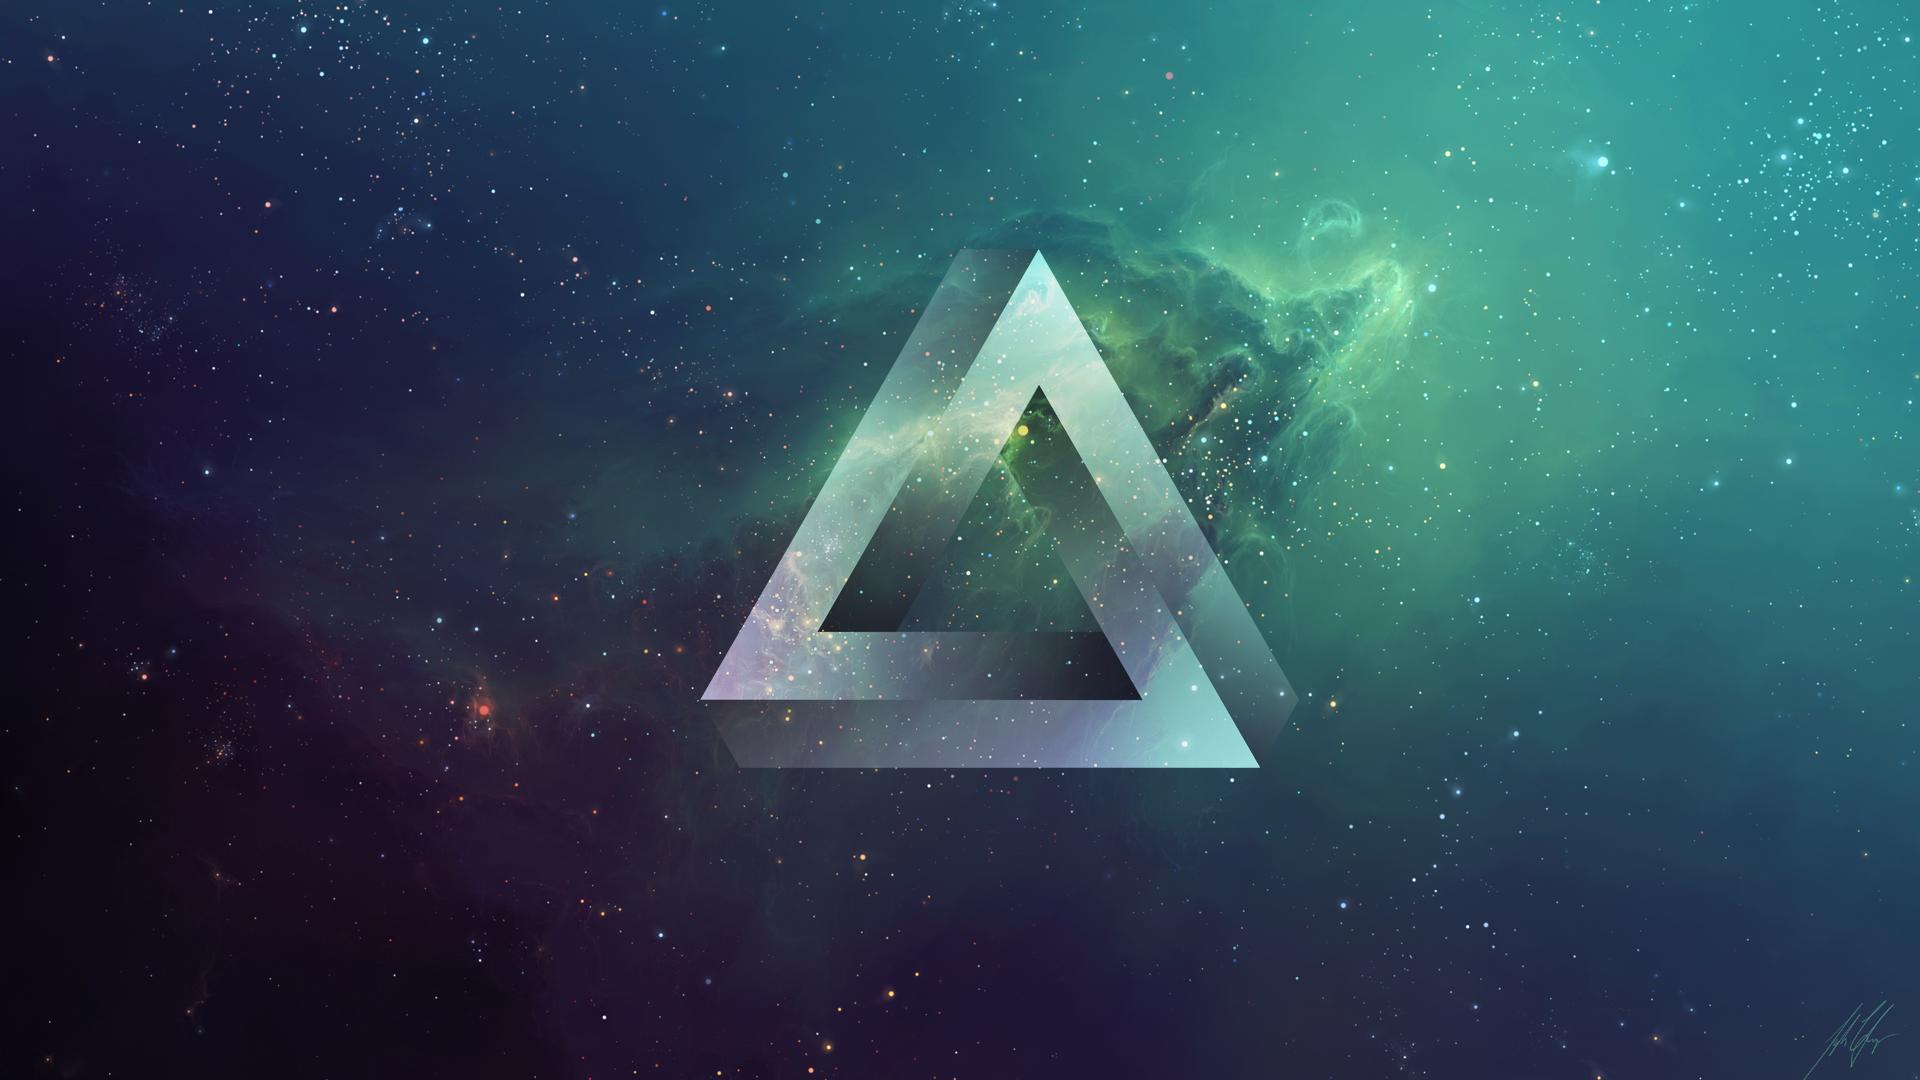 Картинка бесконечного треугольника